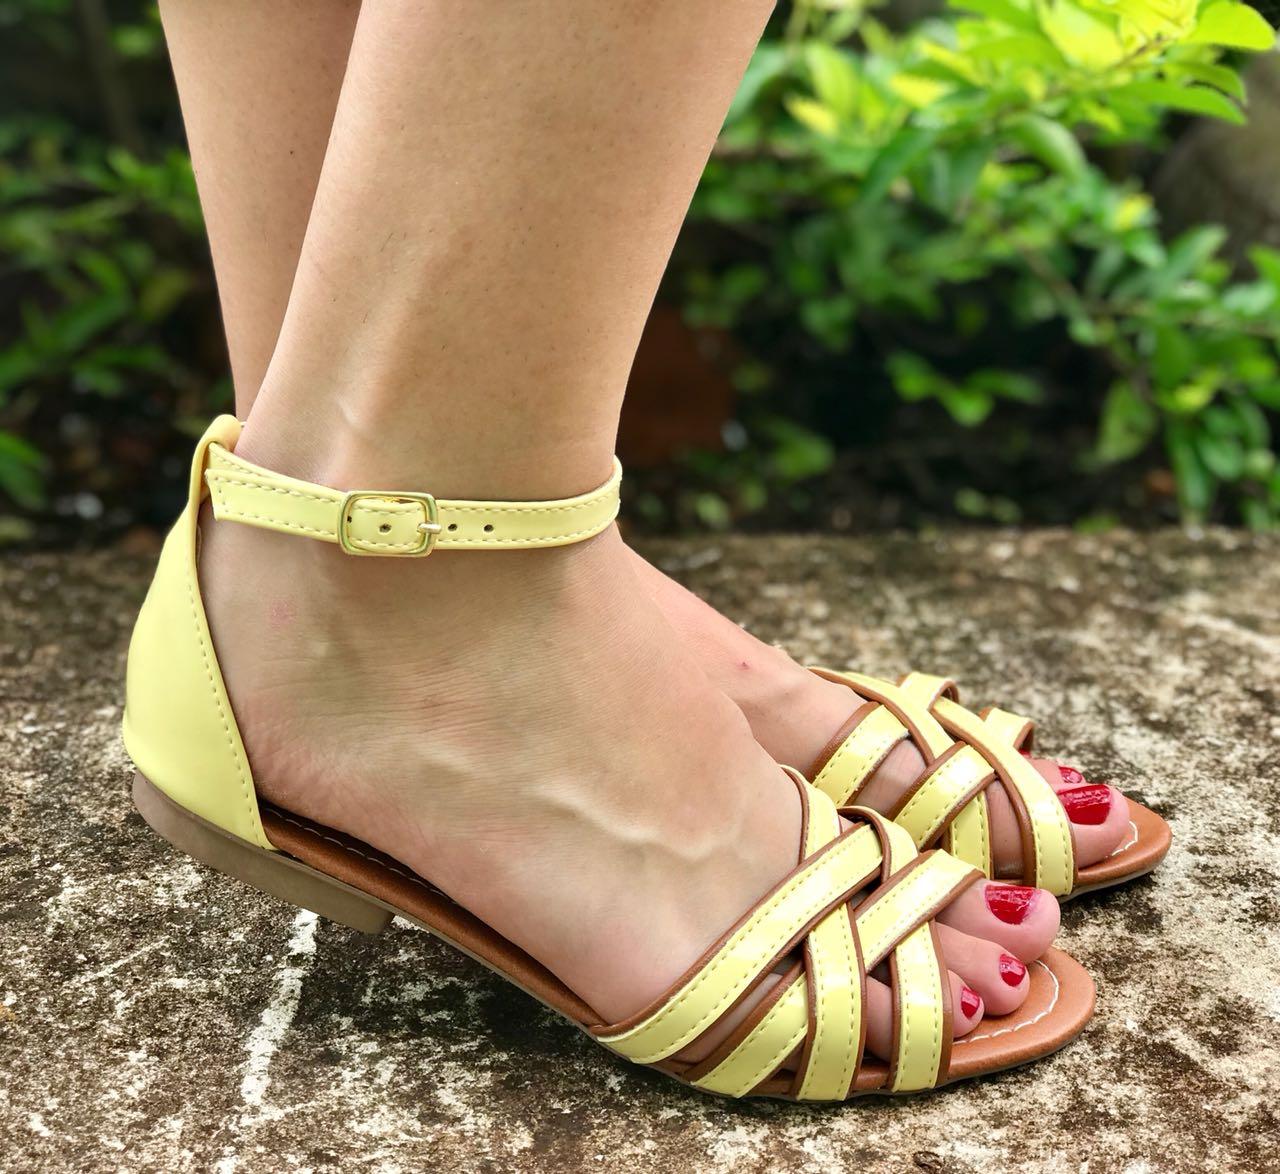 d89d15ac64 Vip Calçados - novo site de calçados femininos! - O Melhor de Jaú